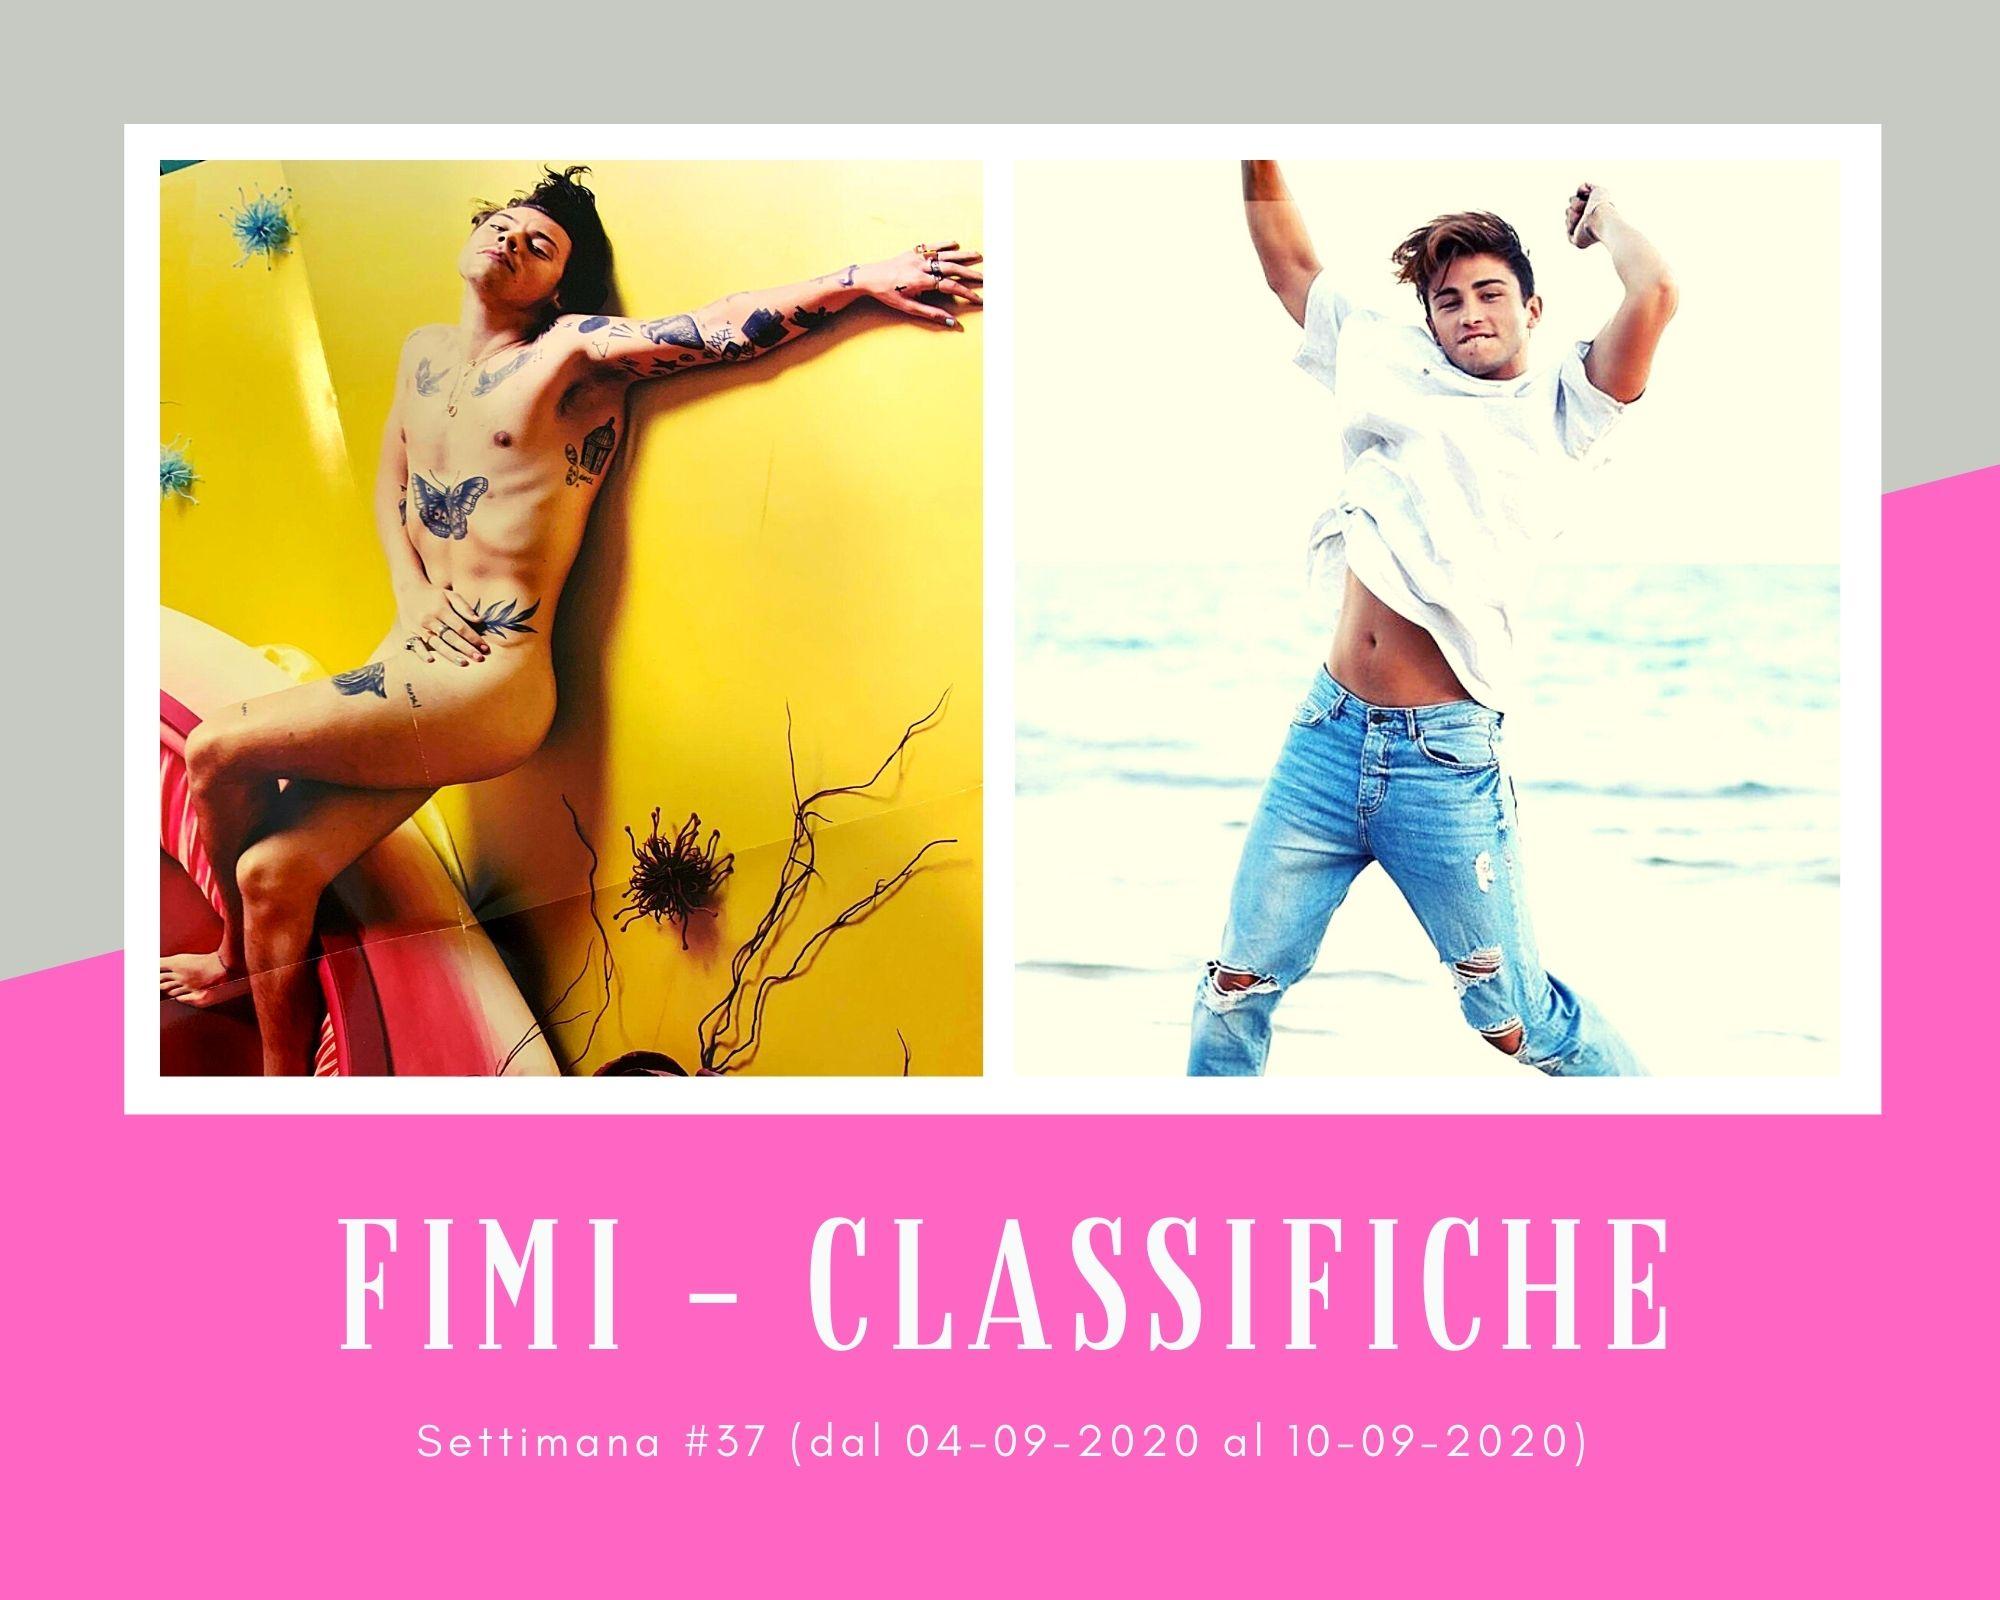 Classifiche FIMI, week 37: raddoppia la voglia di Harry Styles, il rap salva D'Alessio e Riki ritorna in vita